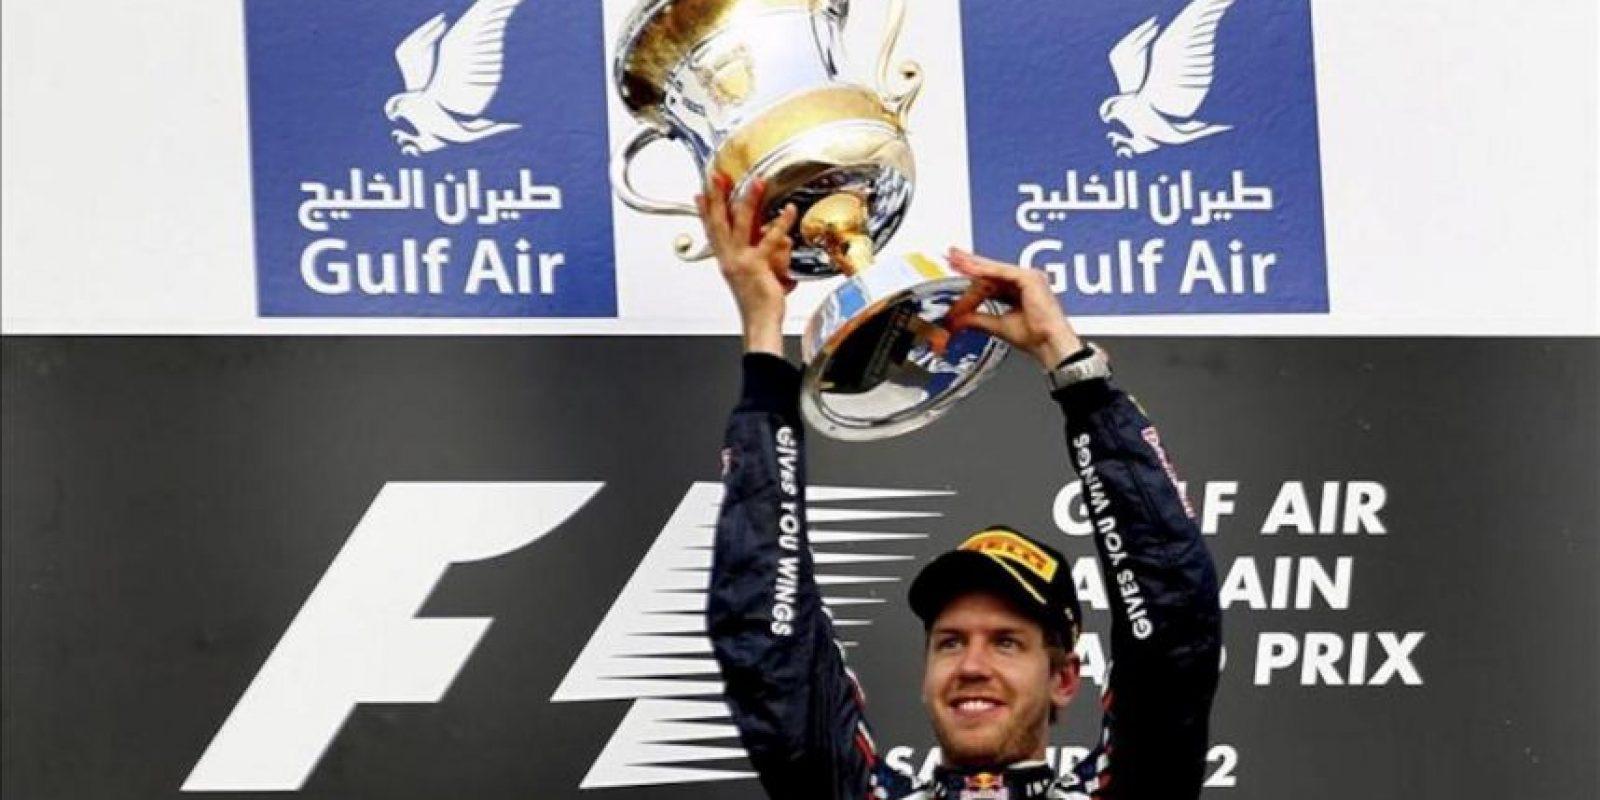 El piloto alemán de Fórmula Uno Sebastian Vettel, de la escudería Red Bull, celebra su victoria en el Gran Premio de Baréin celebrado en el circuito de Sakhir cerca de Manama en Baréin. EFE